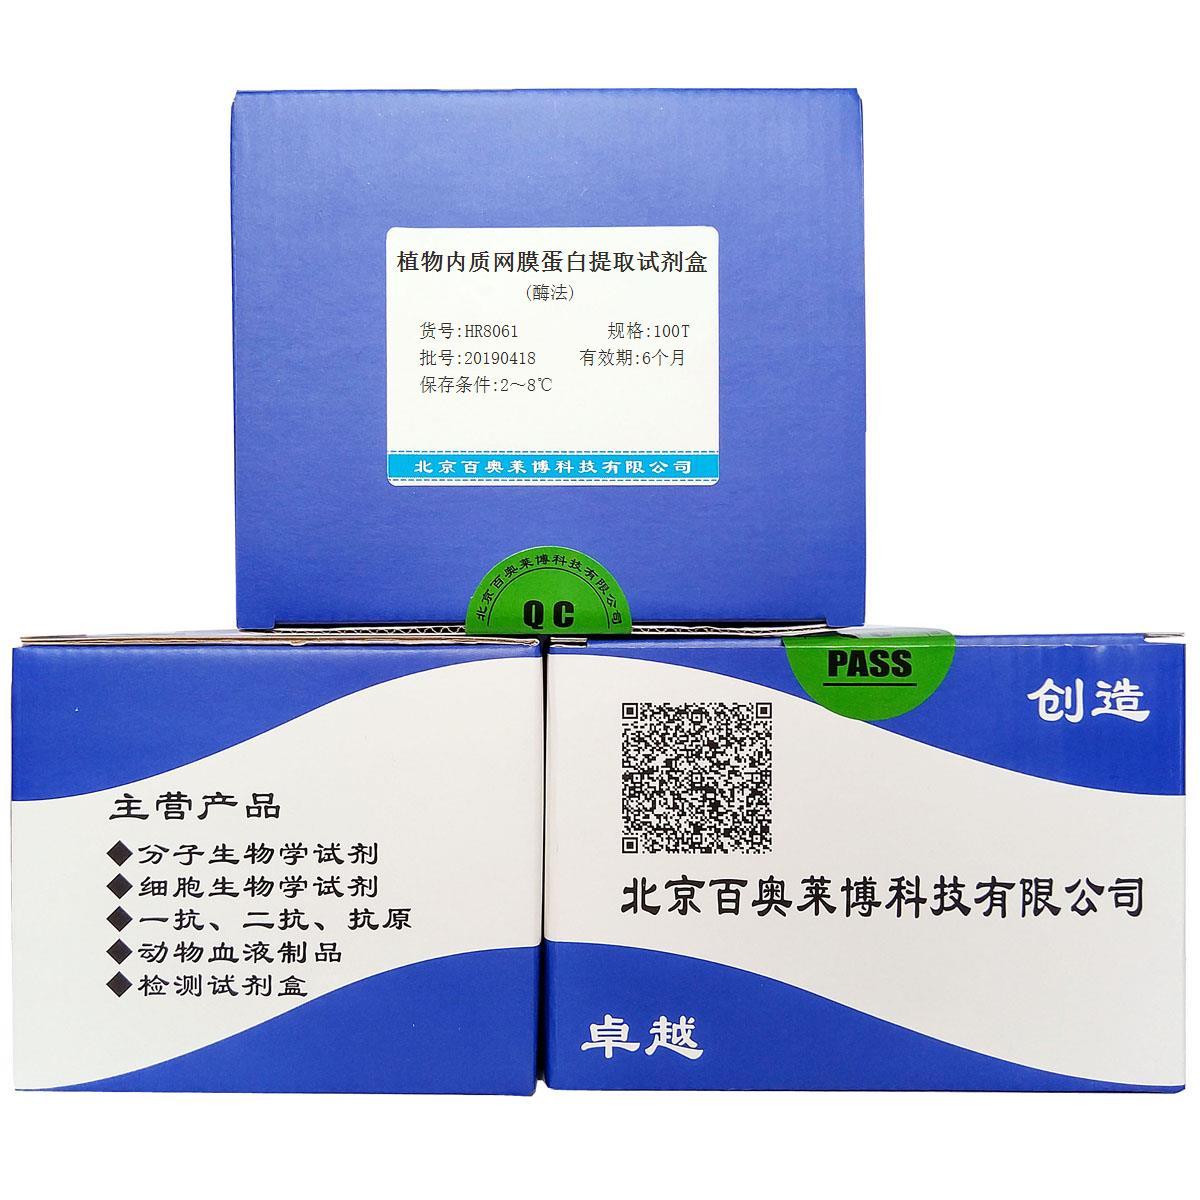 植物内质网膜蛋白提取试剂盒(酶法)北京品牌